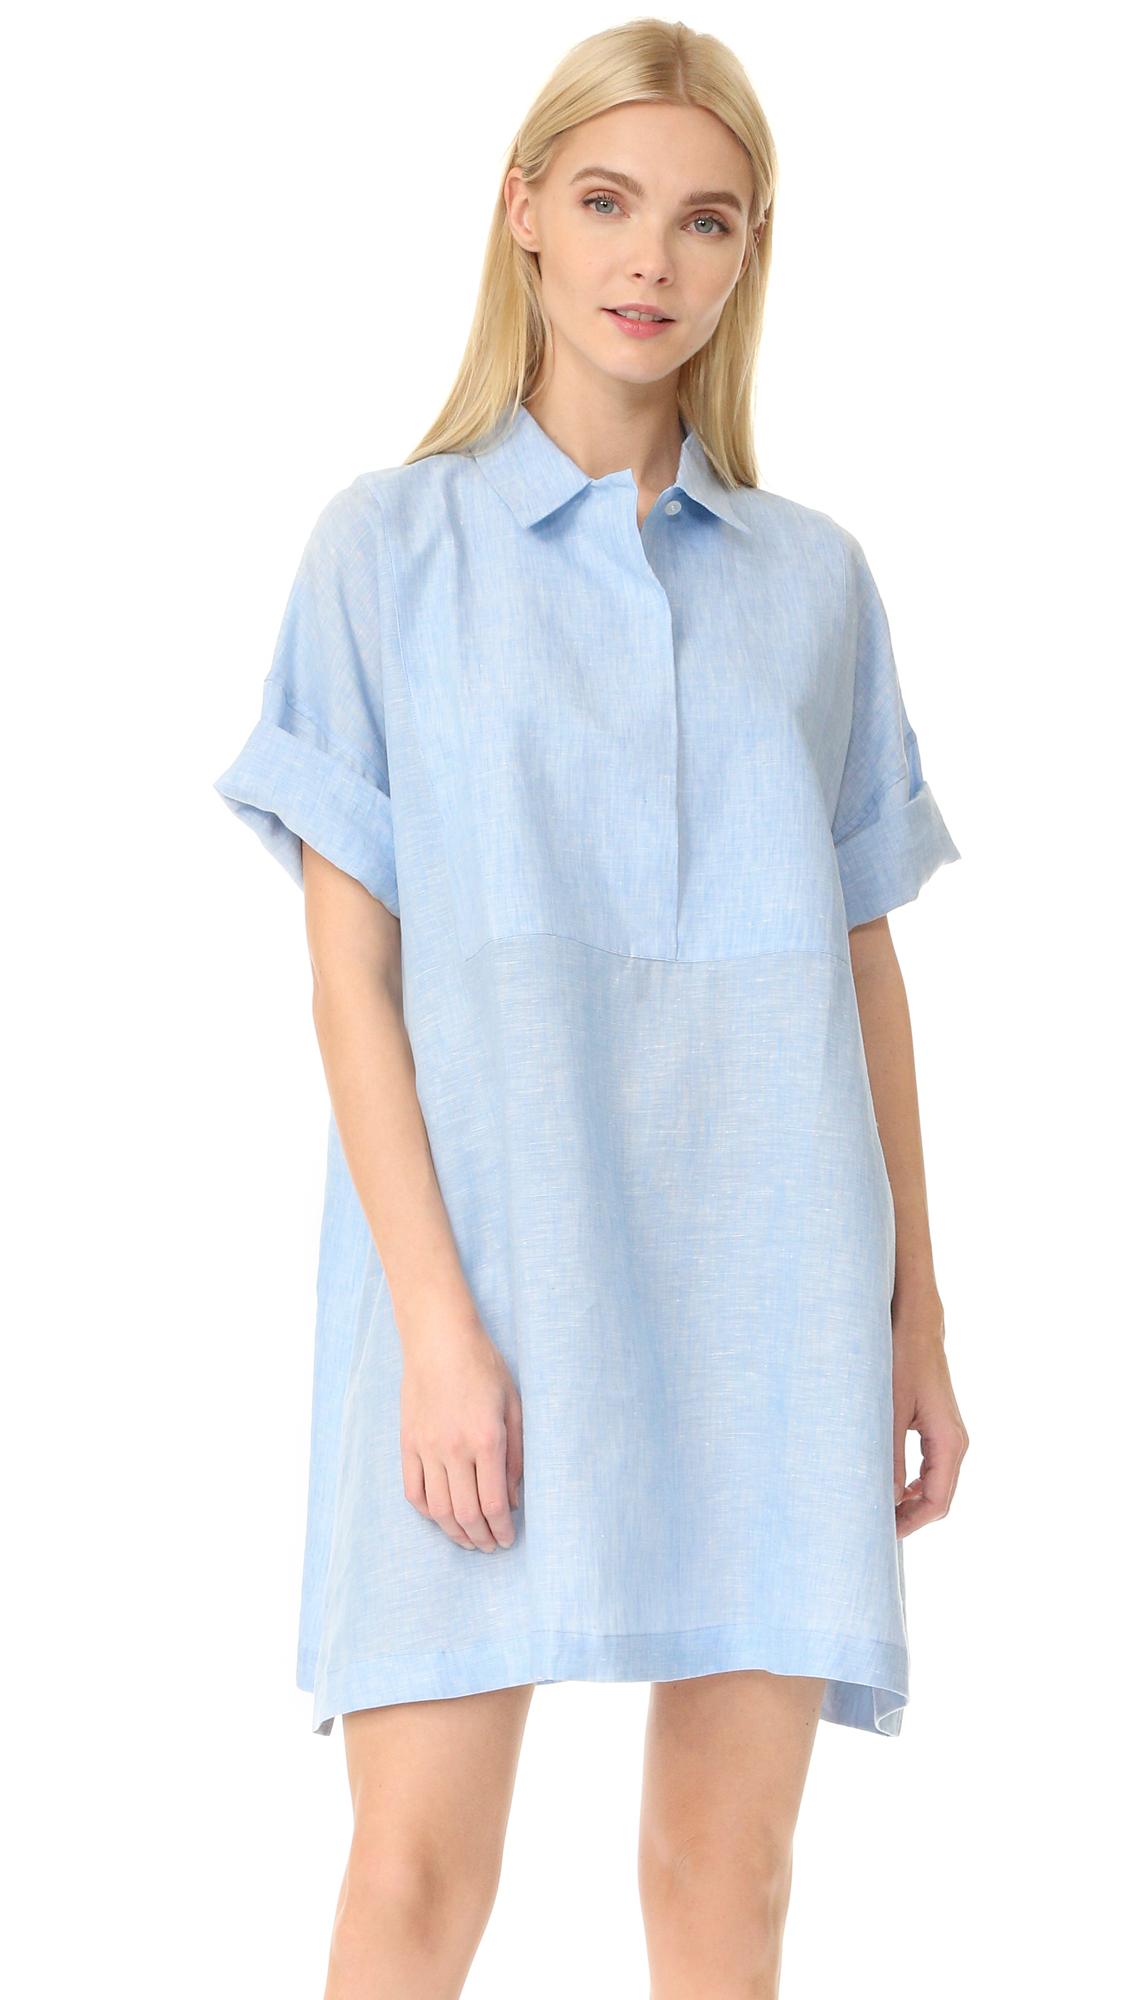 Acne Studios Sena Shirtdress - Light Blue at Shopbop